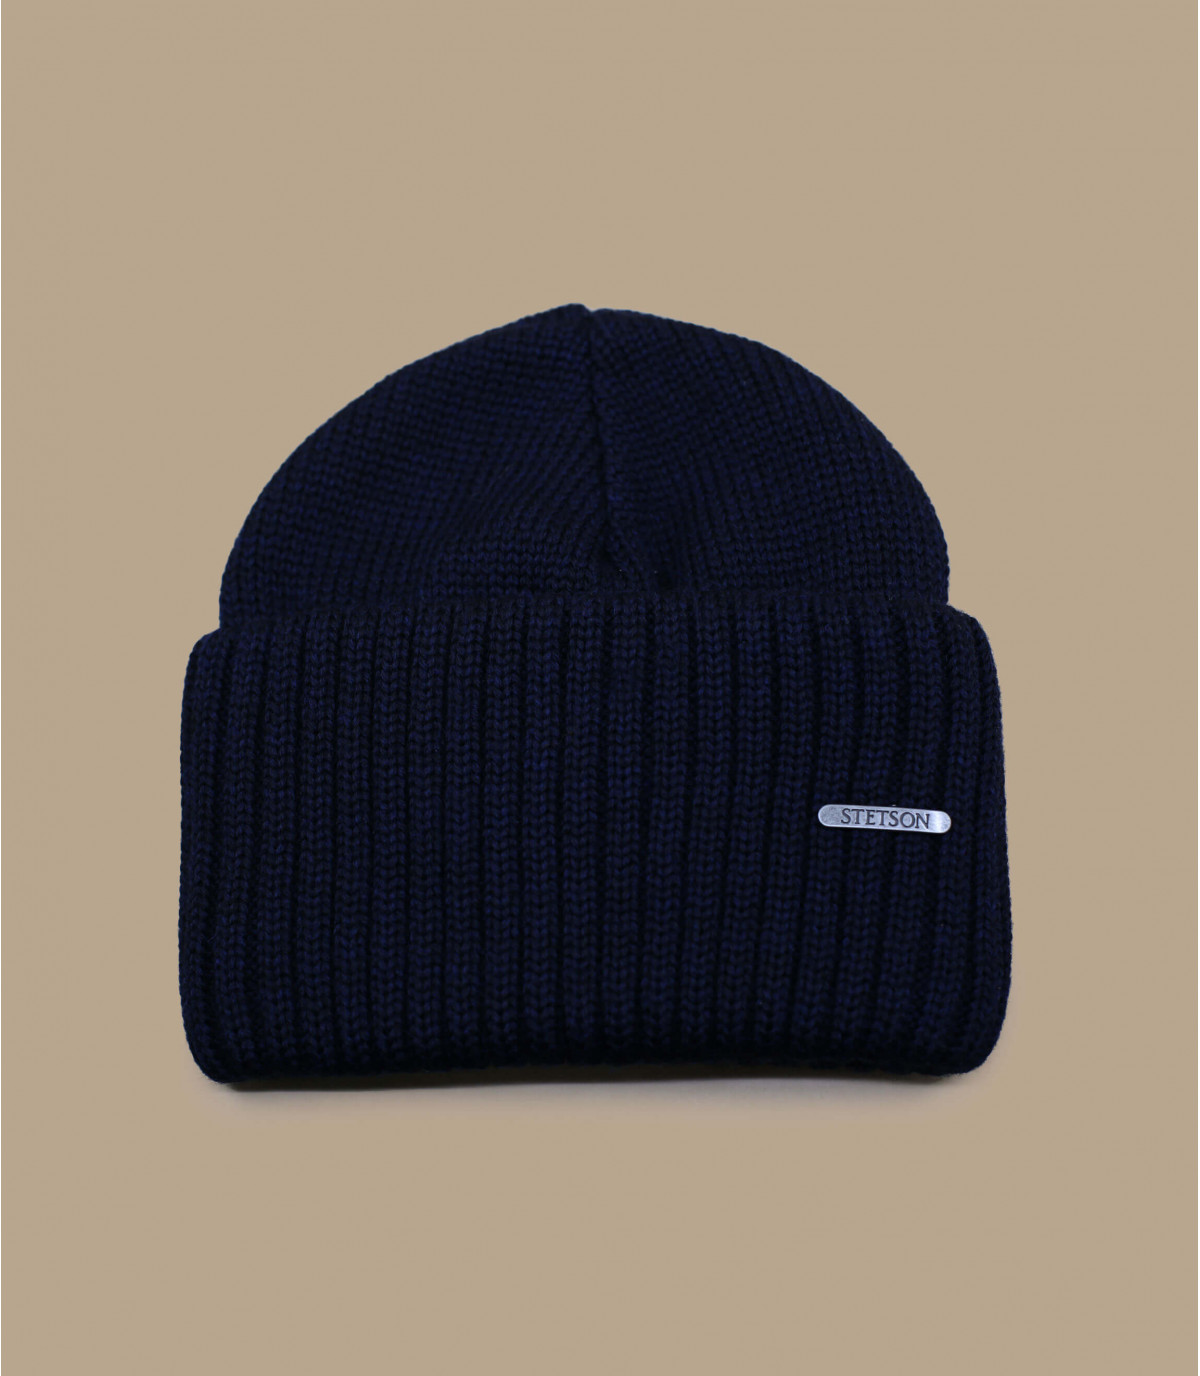 Stetson wool beanie